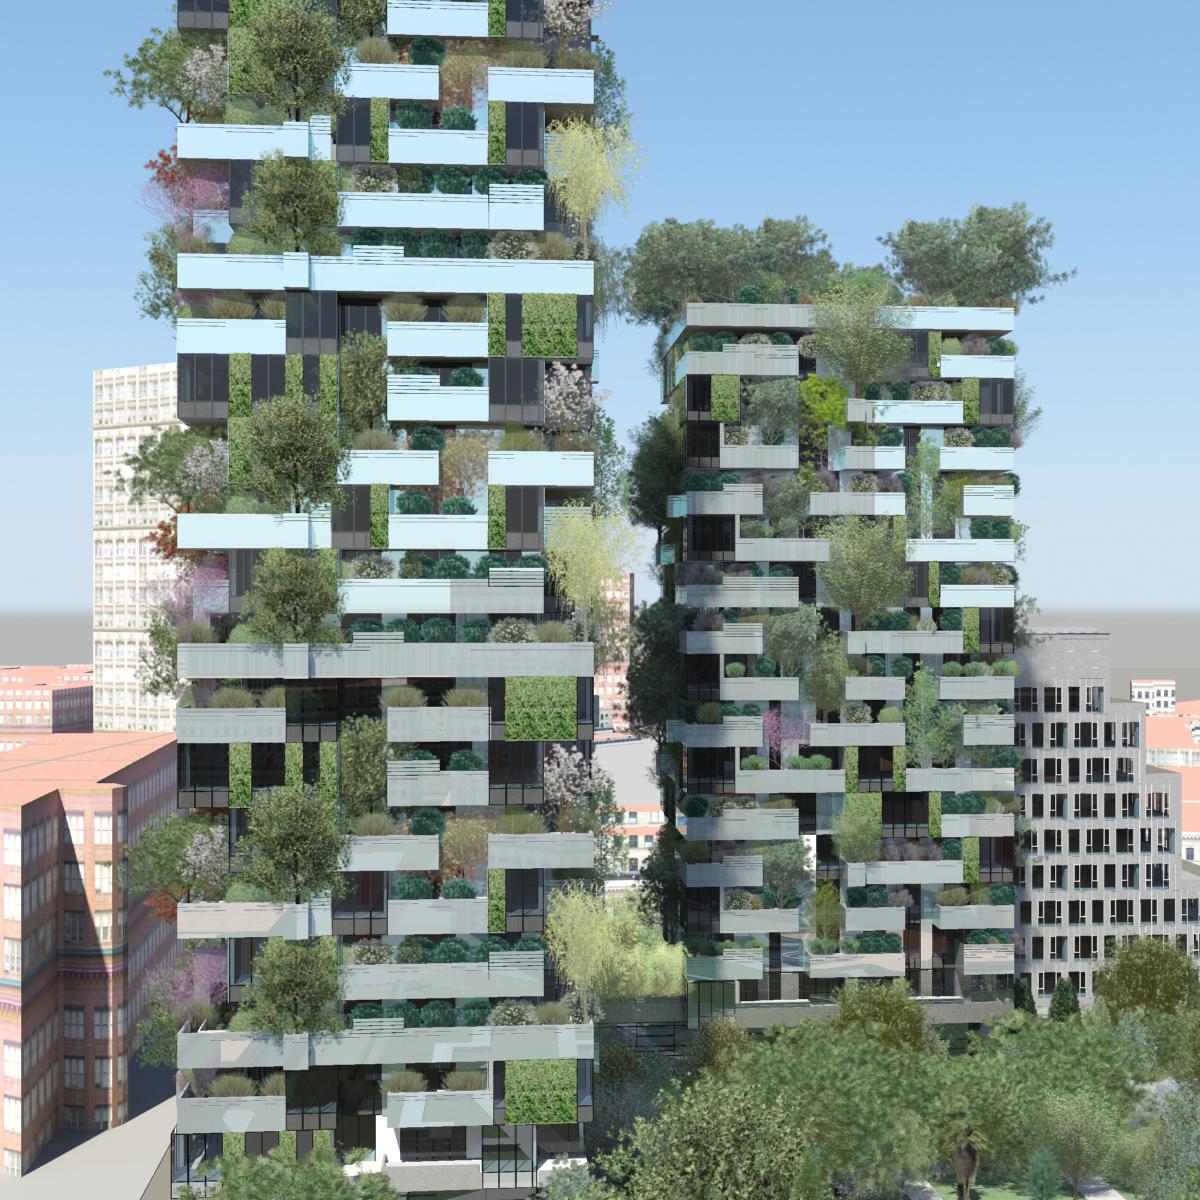 Il bosco verticale grattacielo pi bello al mondo for I nuovi grattacieli di milano